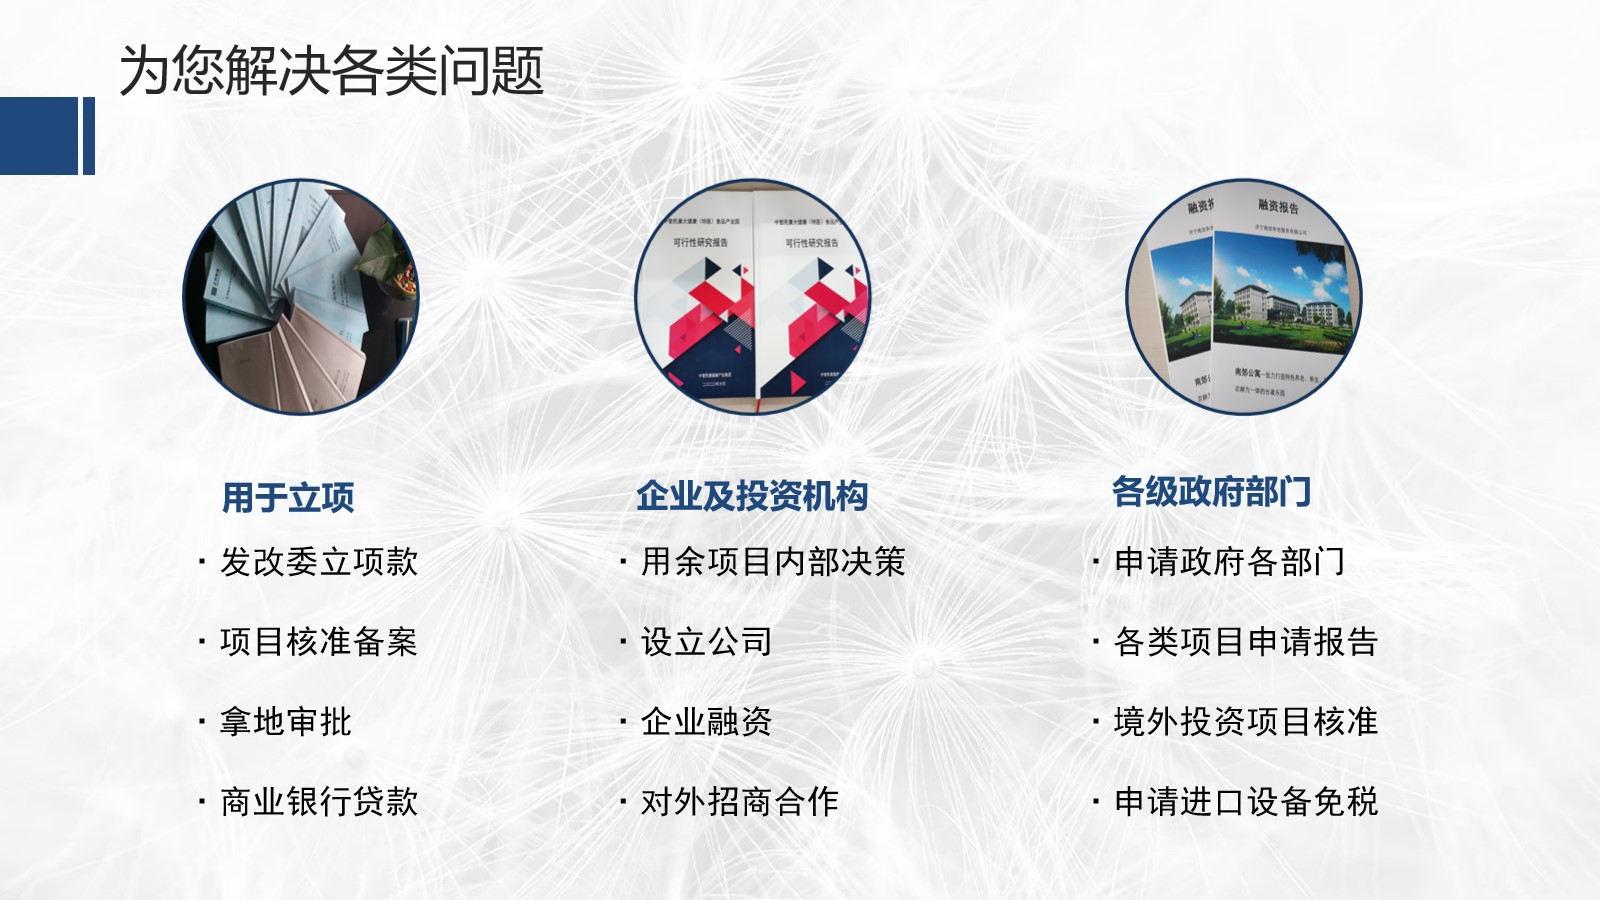 宝丰县可以写可行性报告可以案例公司